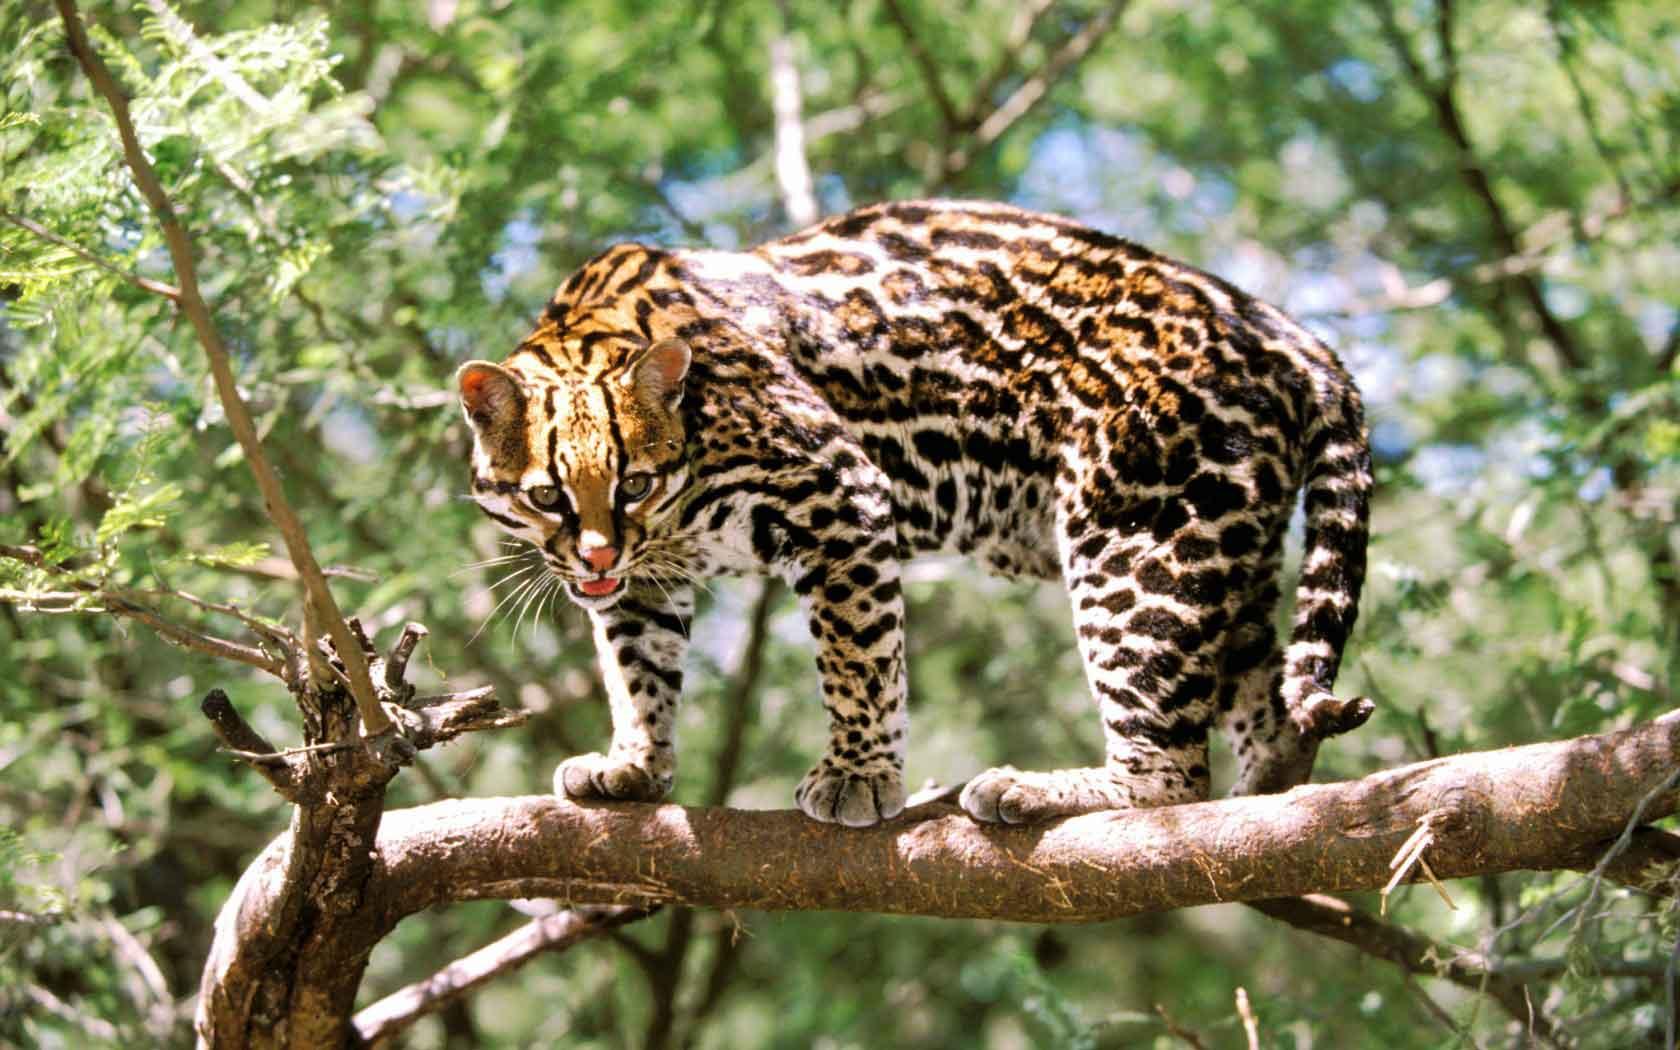 Азиатская леопардовая кошка: описание, характер, среда обитания и образ жизни, фото